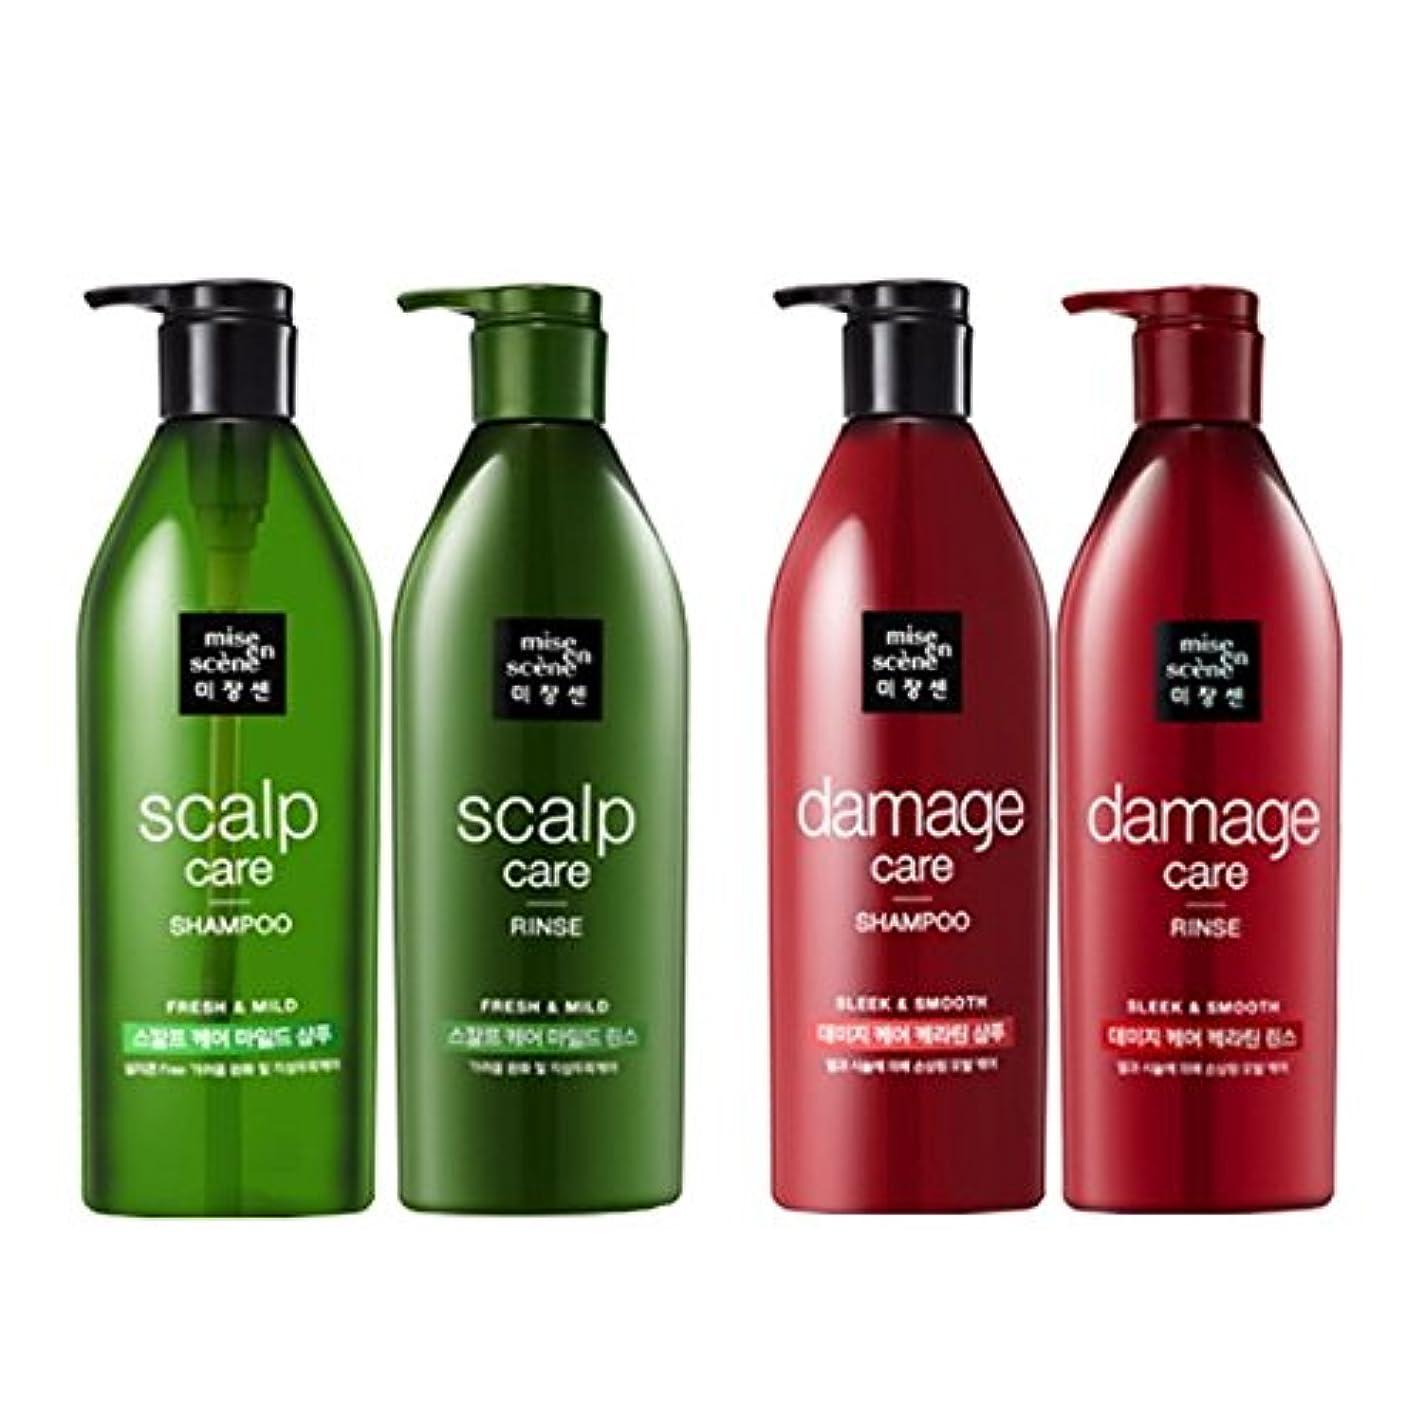 強風あいまいさ前置詞[ミジャンセ ] Miseen Scene [アモーレパシフィック?ミジャンセン]スカルプケア?シャンプー680ml +リンス680ml [Scalp Care Shampoo Rinse Set] & ダメージケア シャンプー...